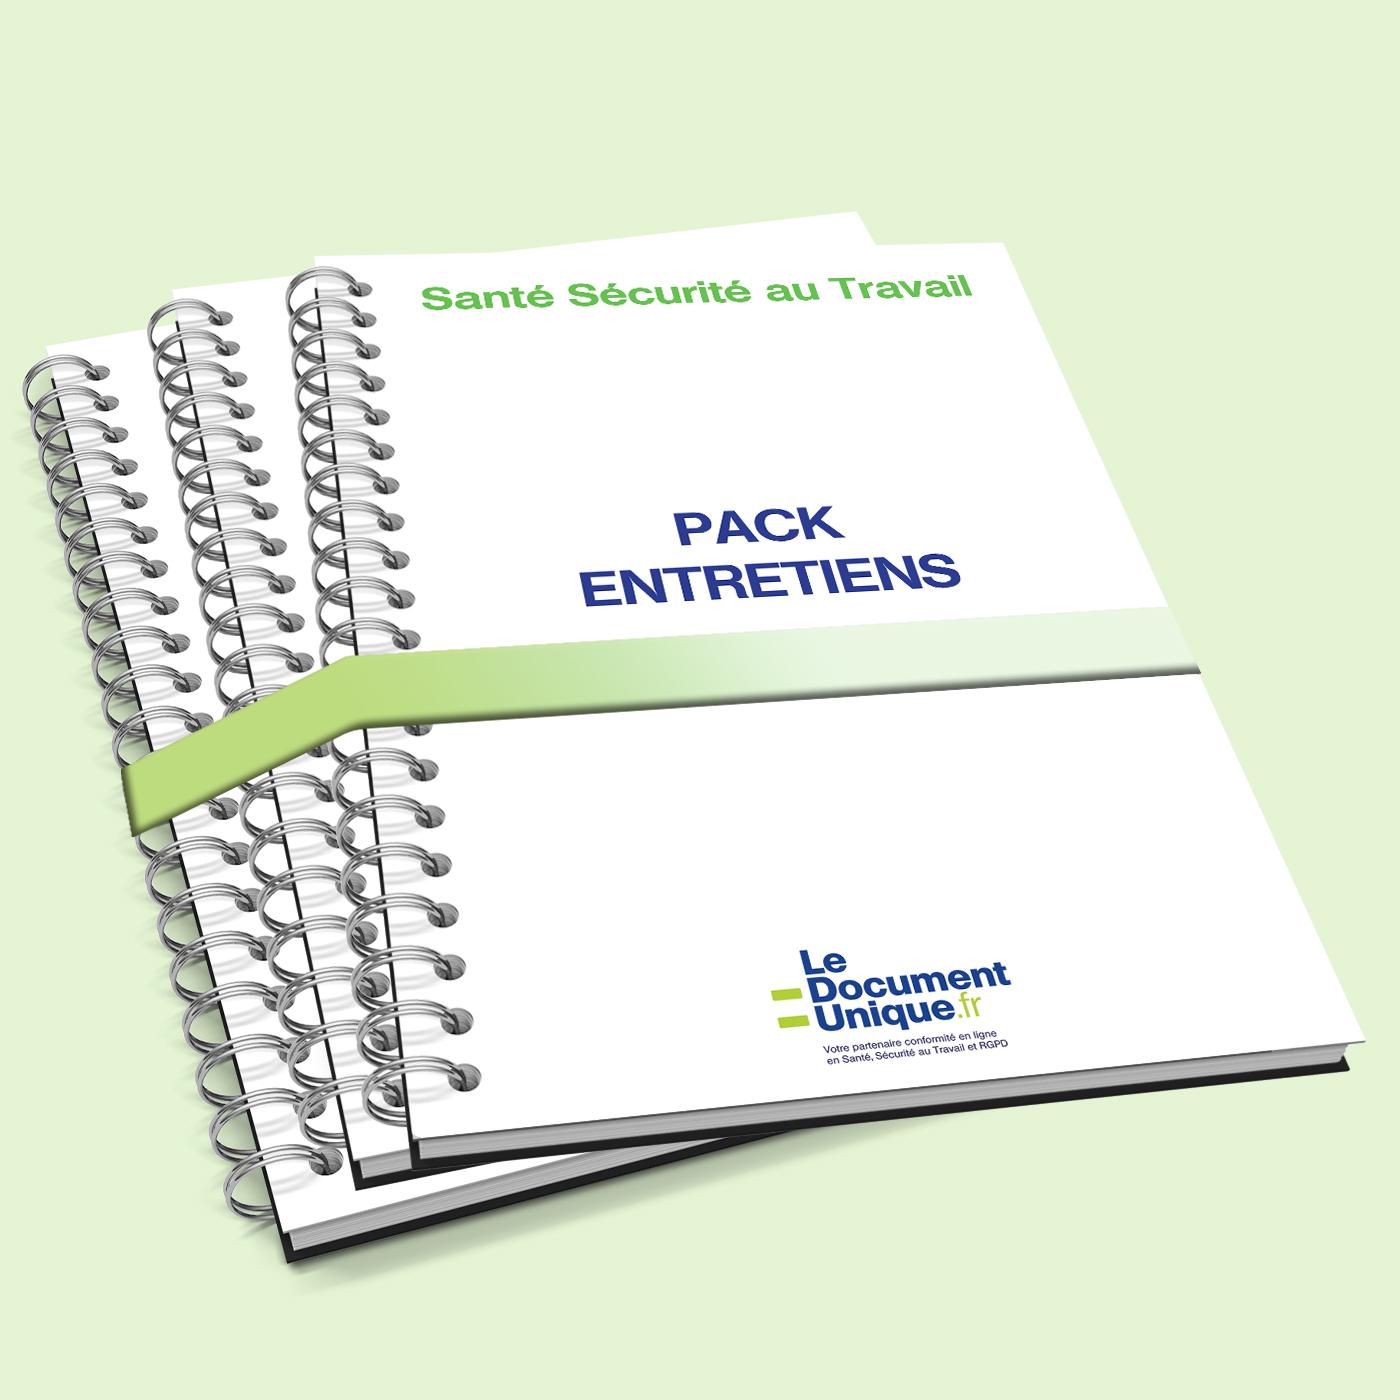 Pack entretiens pour les entreprises